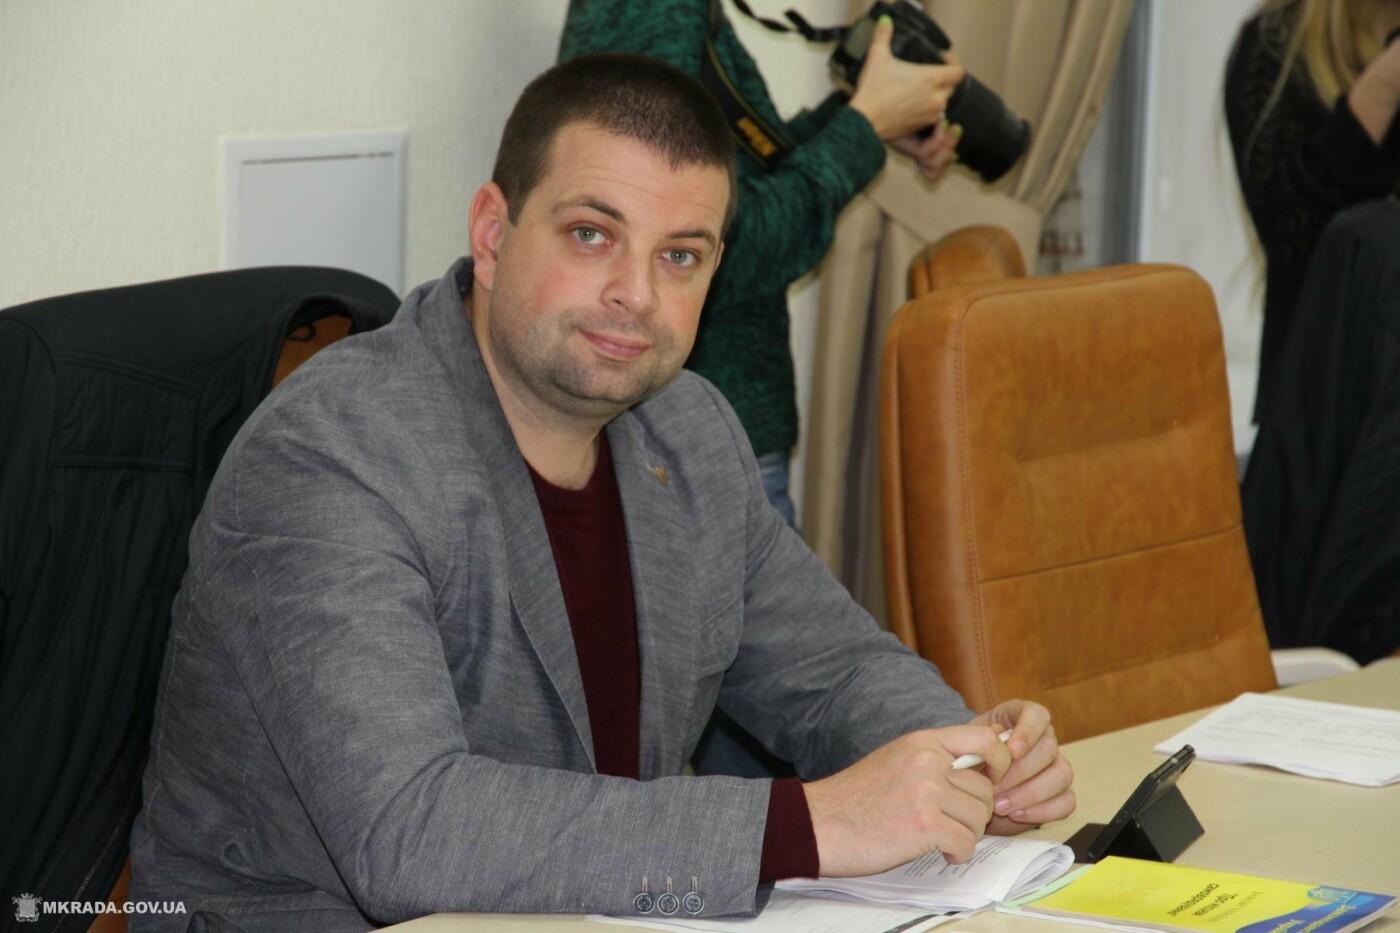 В Николаеве комиссия изучит вопрос установления индивидуальных котельных в многоквартирных домах , фото-4